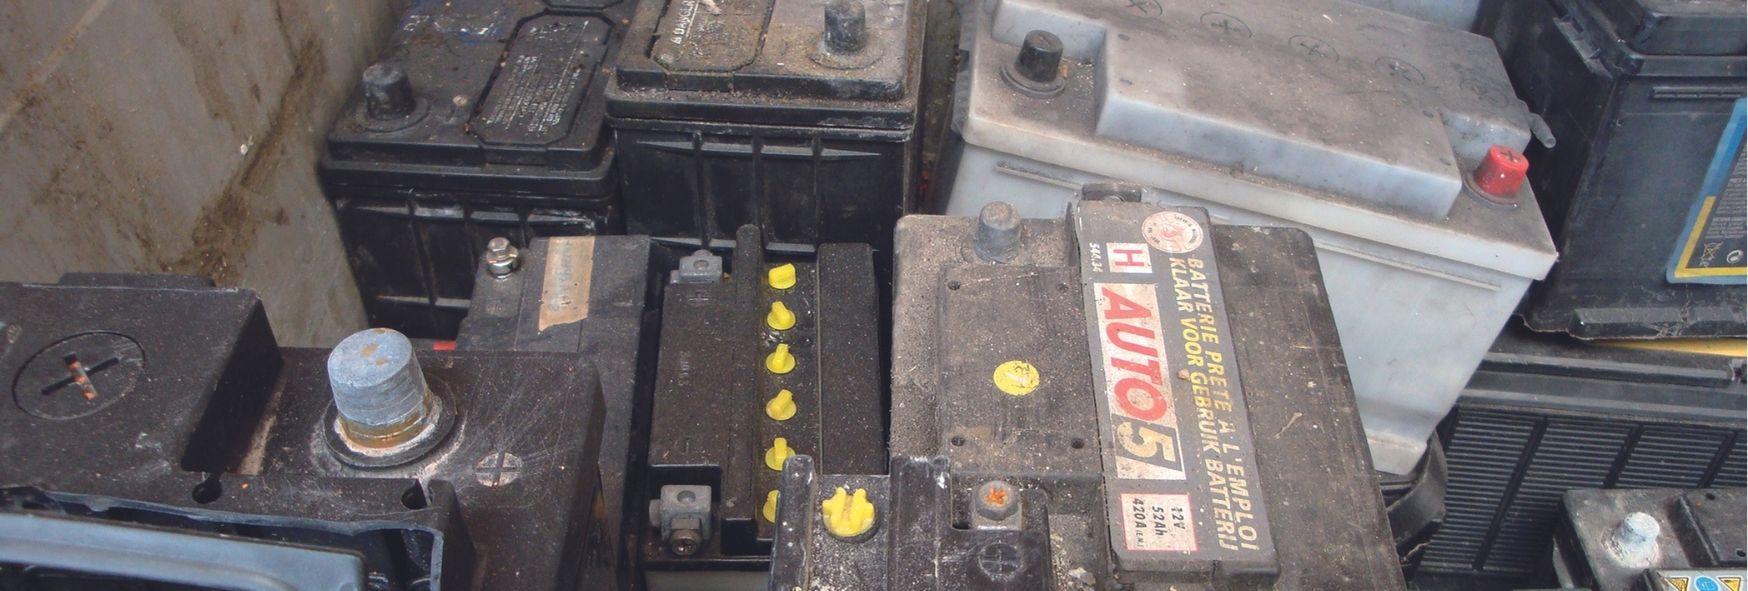 Autobatterijen